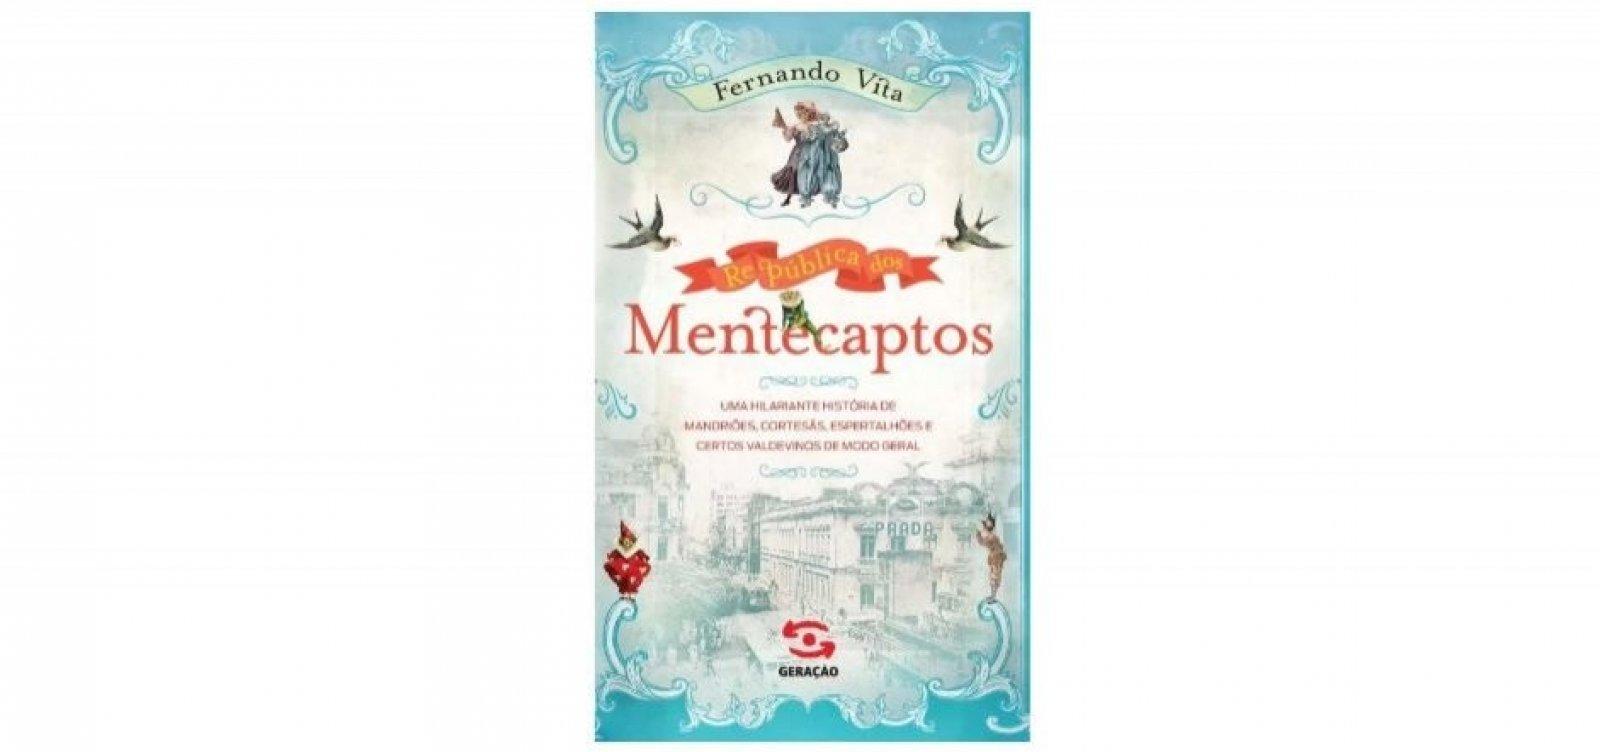 ['República Dos Mentecaptos': novo livro de Fernando Vita será lançado em agosto]